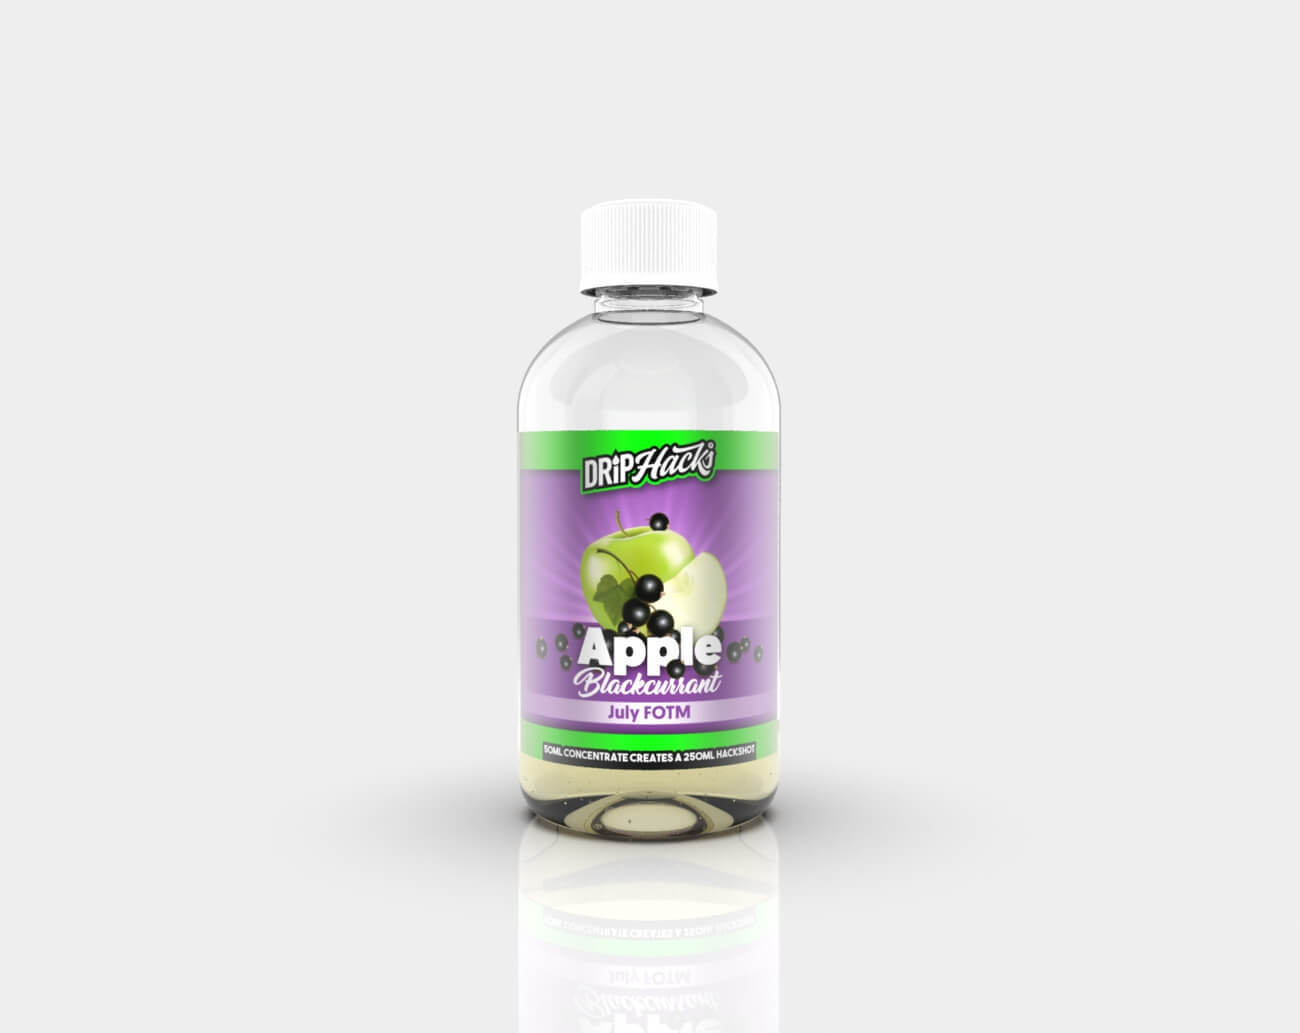 HACKSHOT Apple Blackcurrant by Drip Hacks 250ml